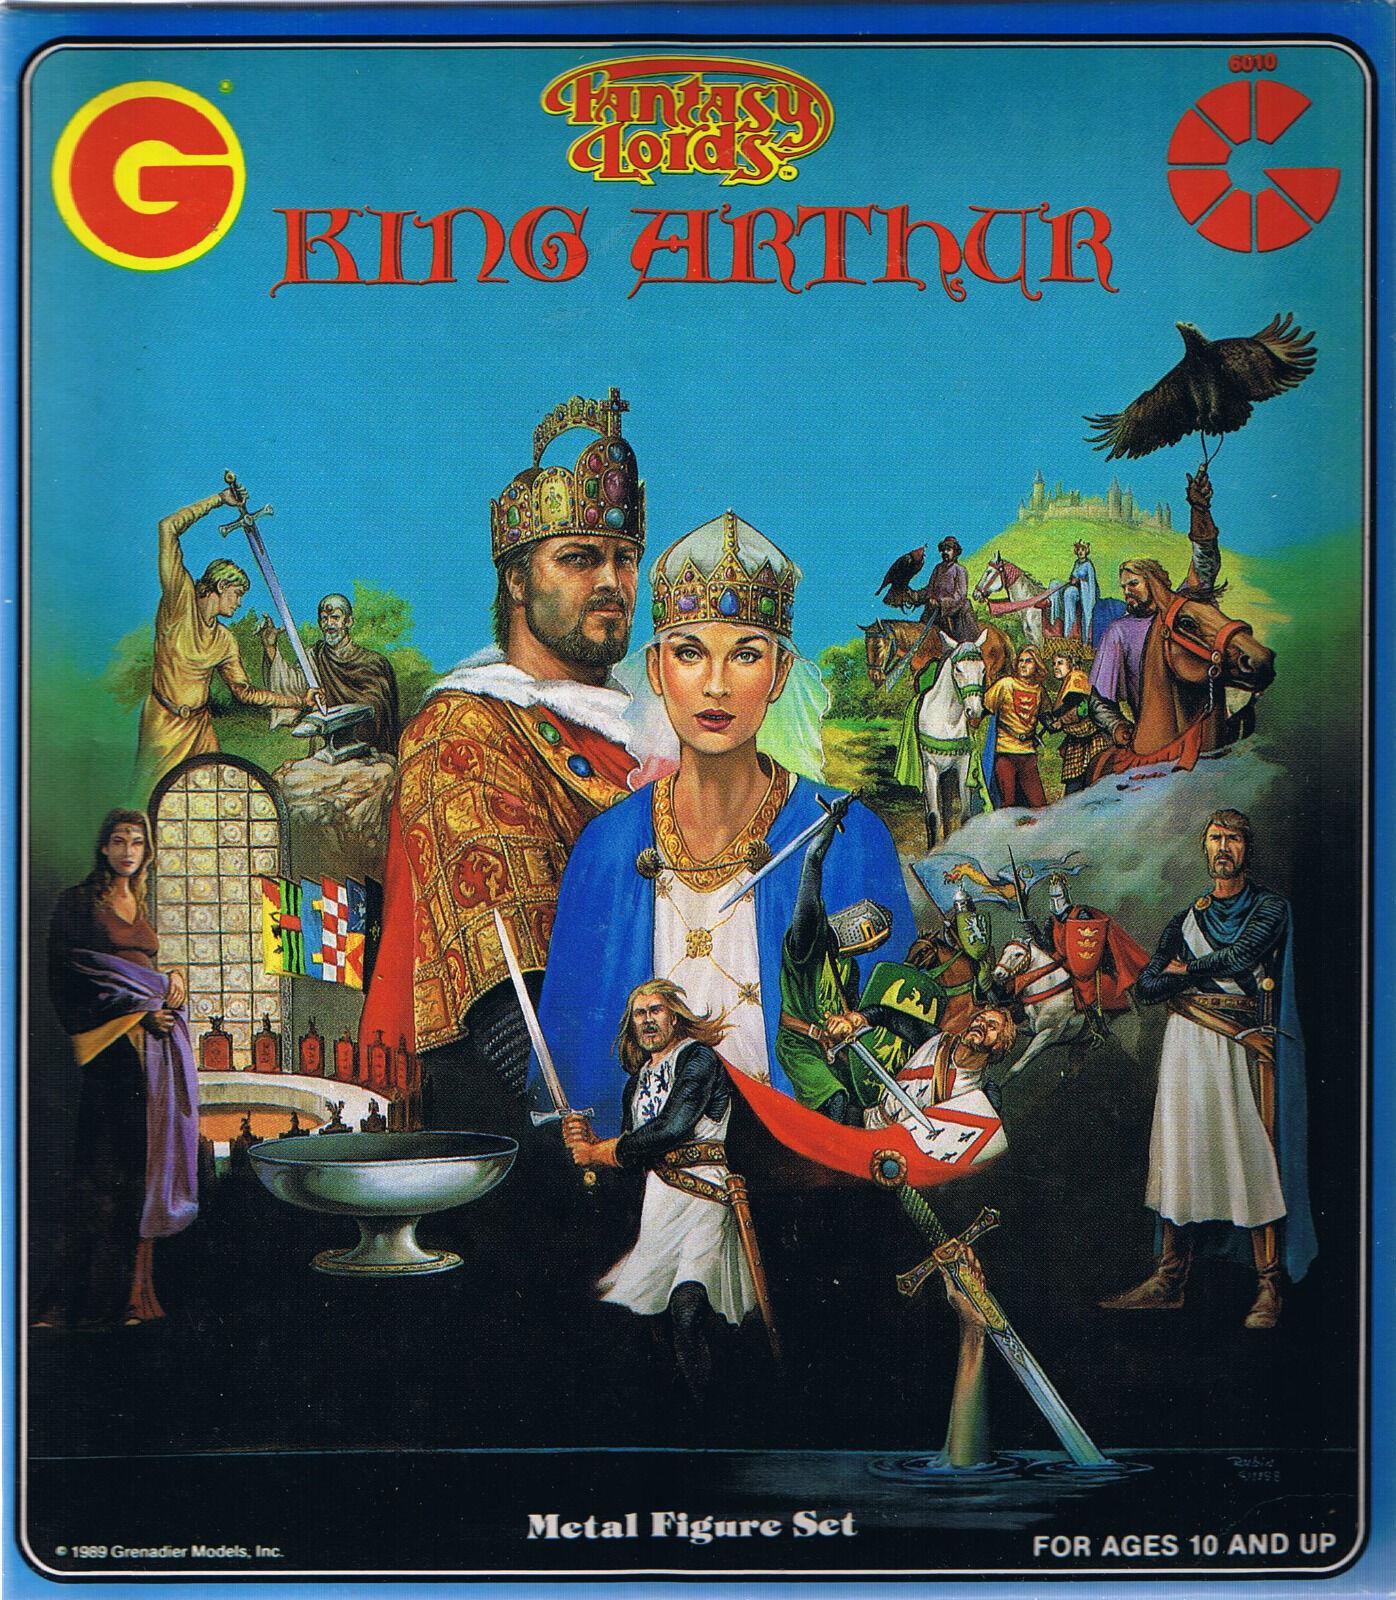 Grenadier-FANTASY LORDS-King Arthur  Comme neuf SEALED Boxed Set  articles de nouveauté